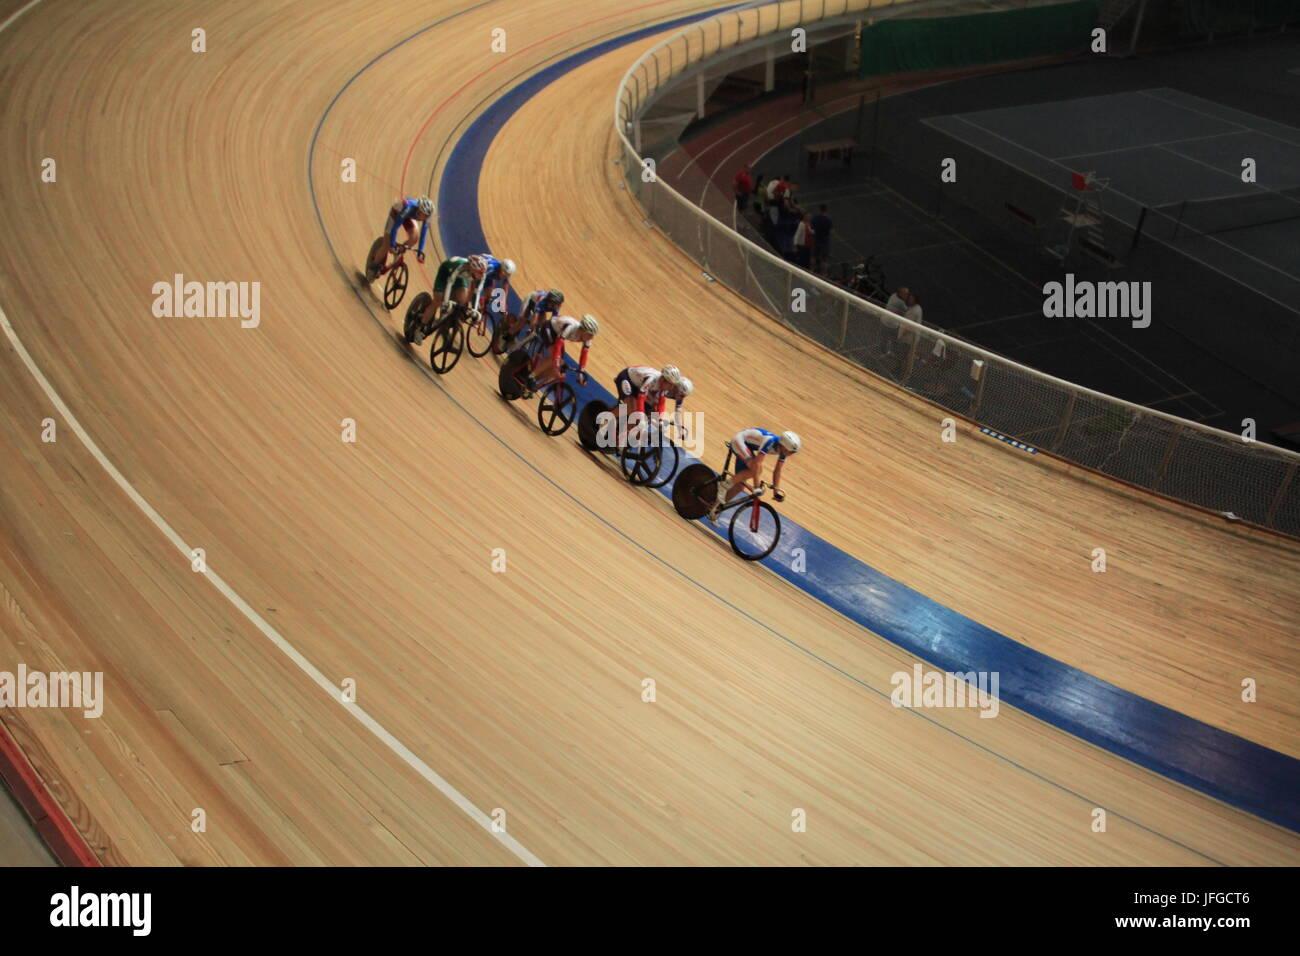 Carrera de bicicletas búsqueda Imagen De Stock